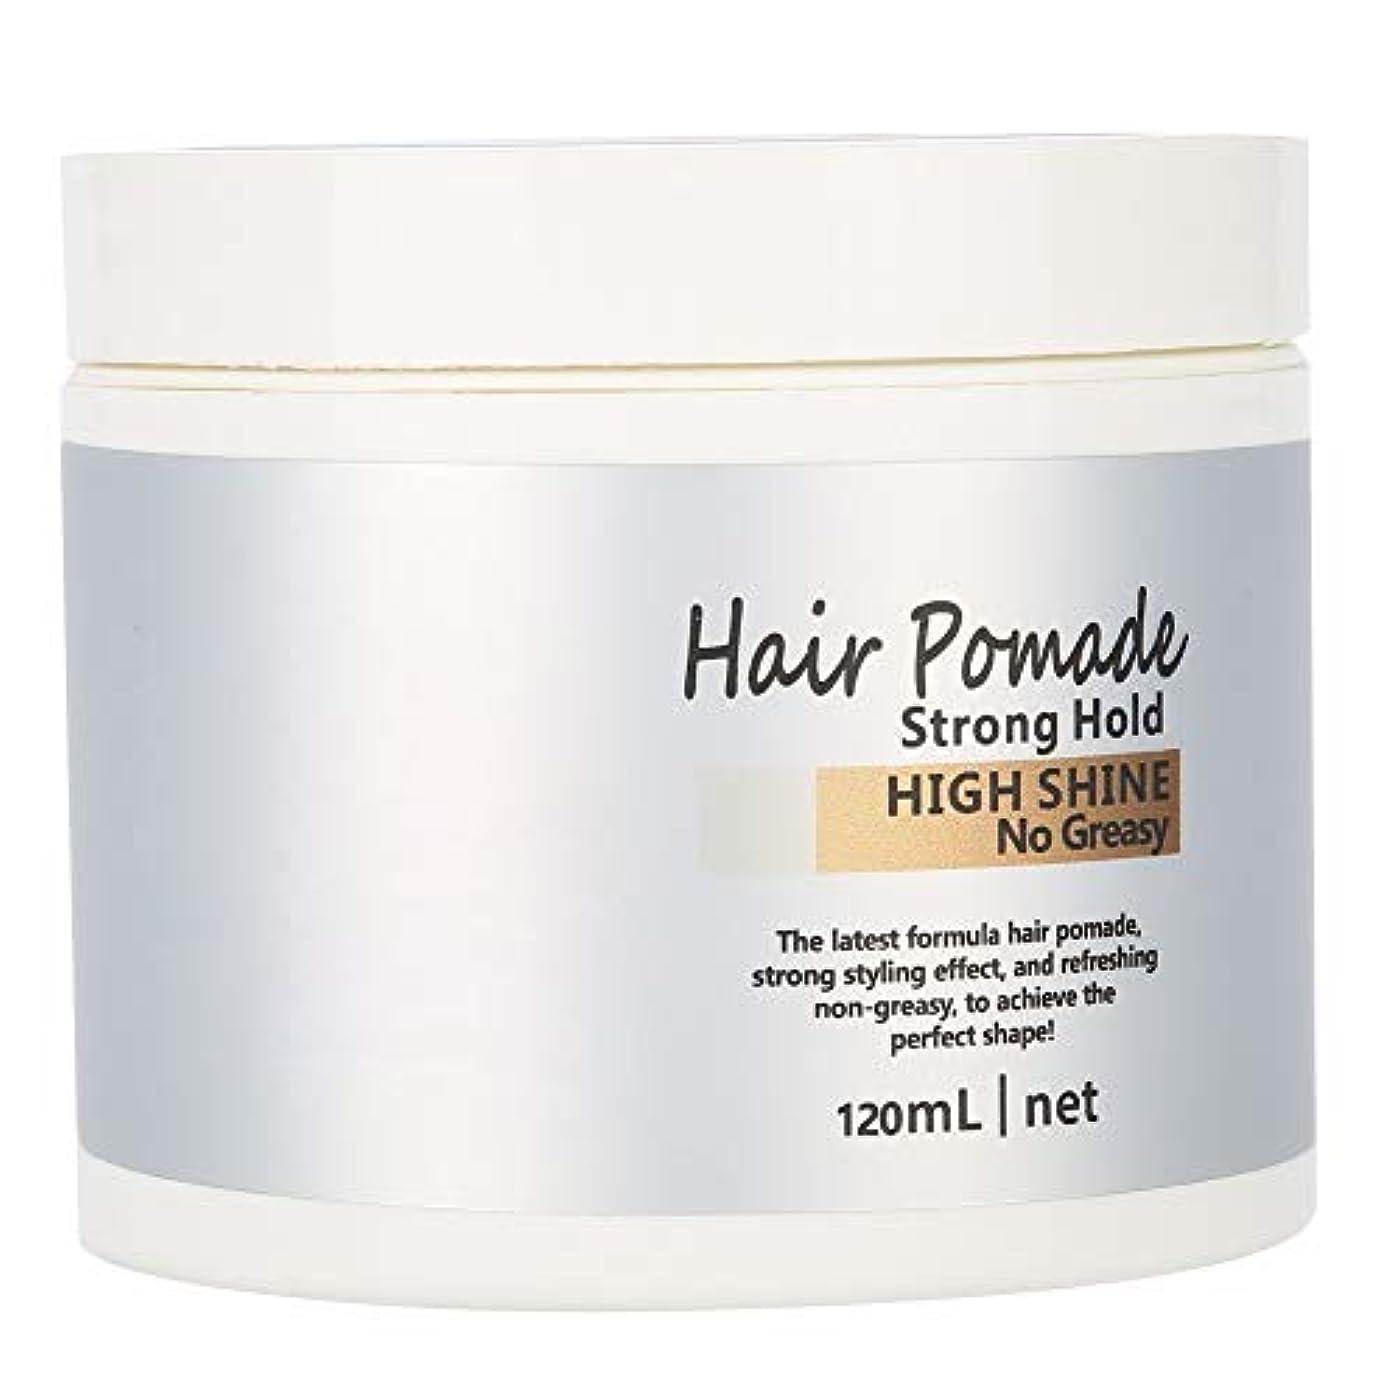 セマフォオペラ正規化ヘアワックス 髪用ゼリーウォータージェルワックス、ウェットエフェクトを使用した極度の固着モデリングワックスポマード(120ml)